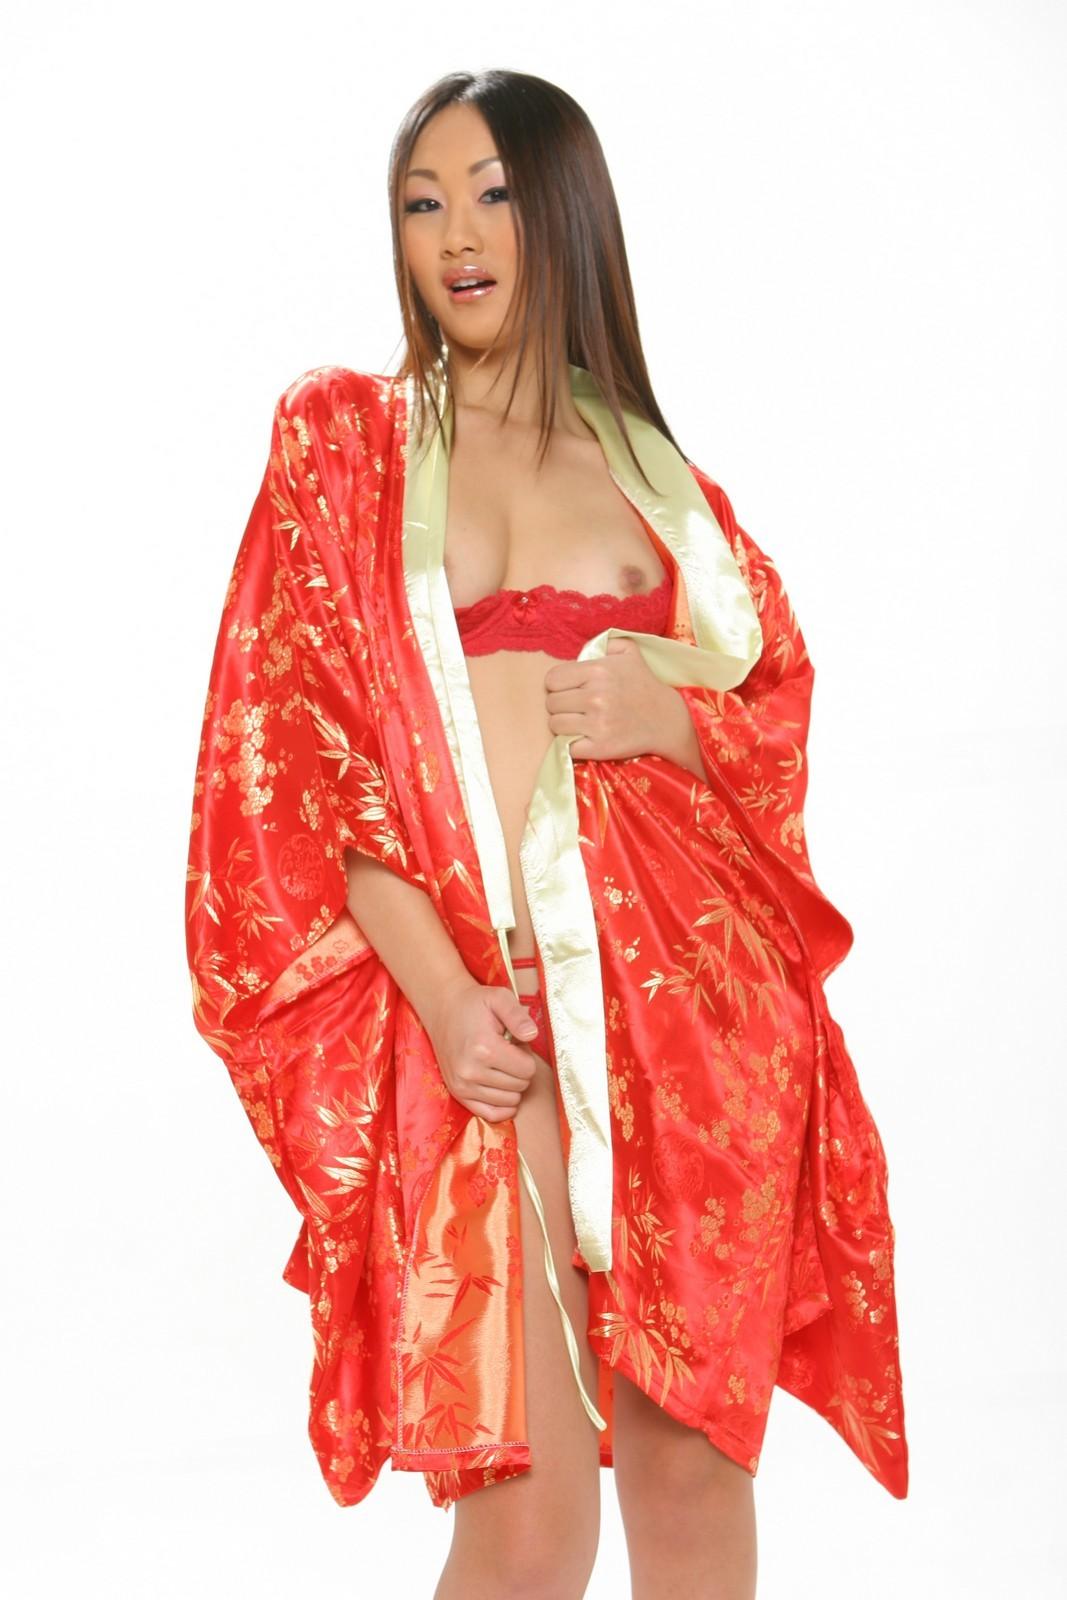 prostitutas en cantabria prostitución de lujo